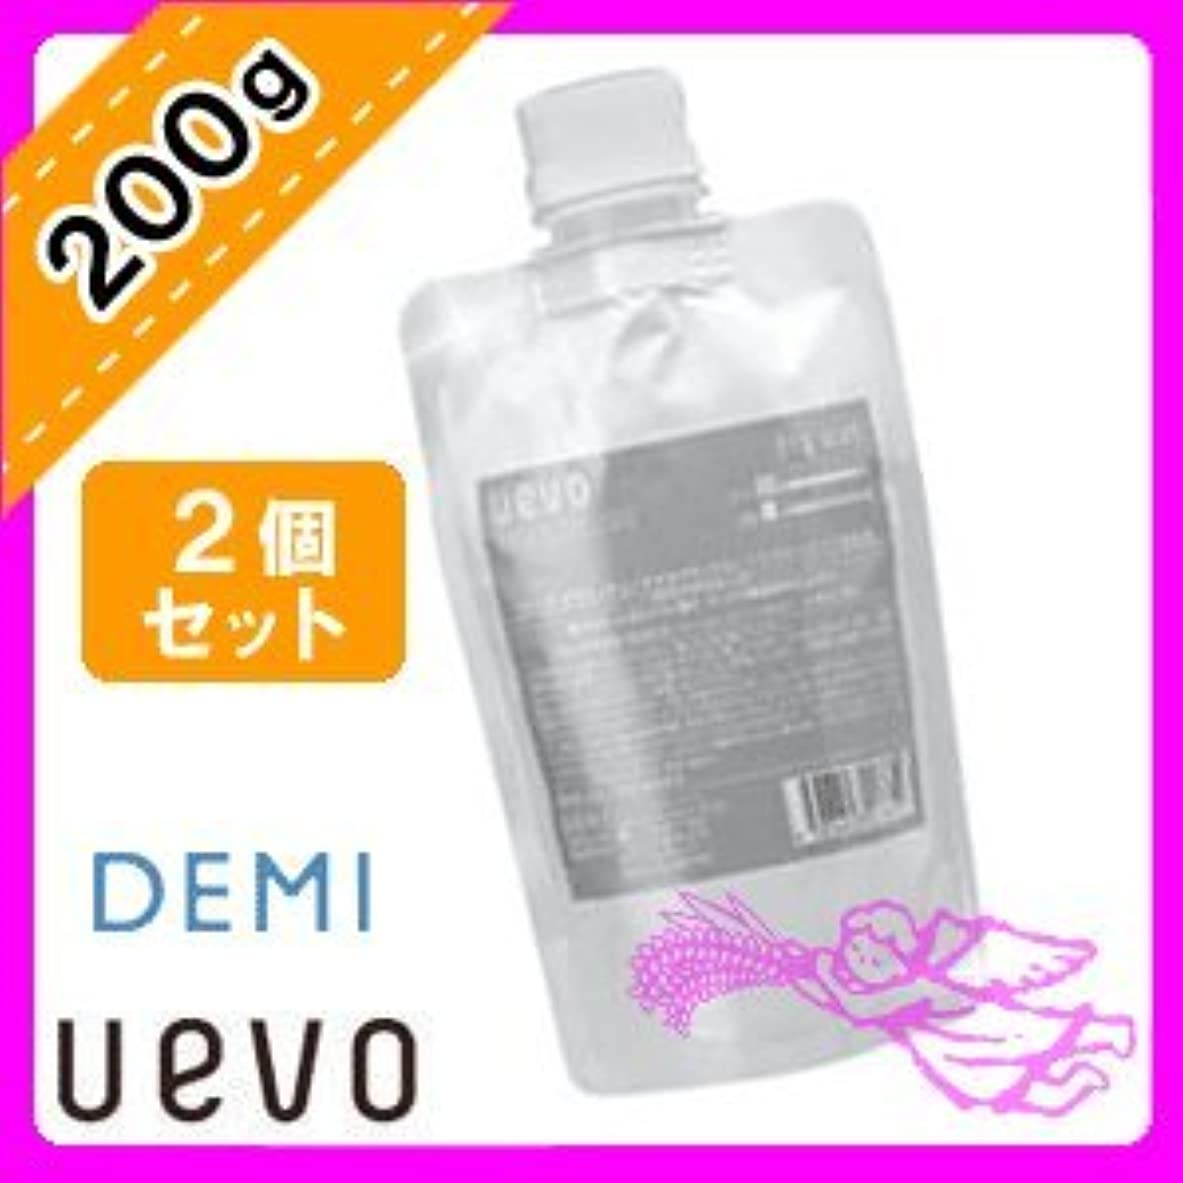 ご近所コール石鹸デミ ウェーボ デザインキューブ ドライワックス 200g×2個セット 業務用 demi uevo